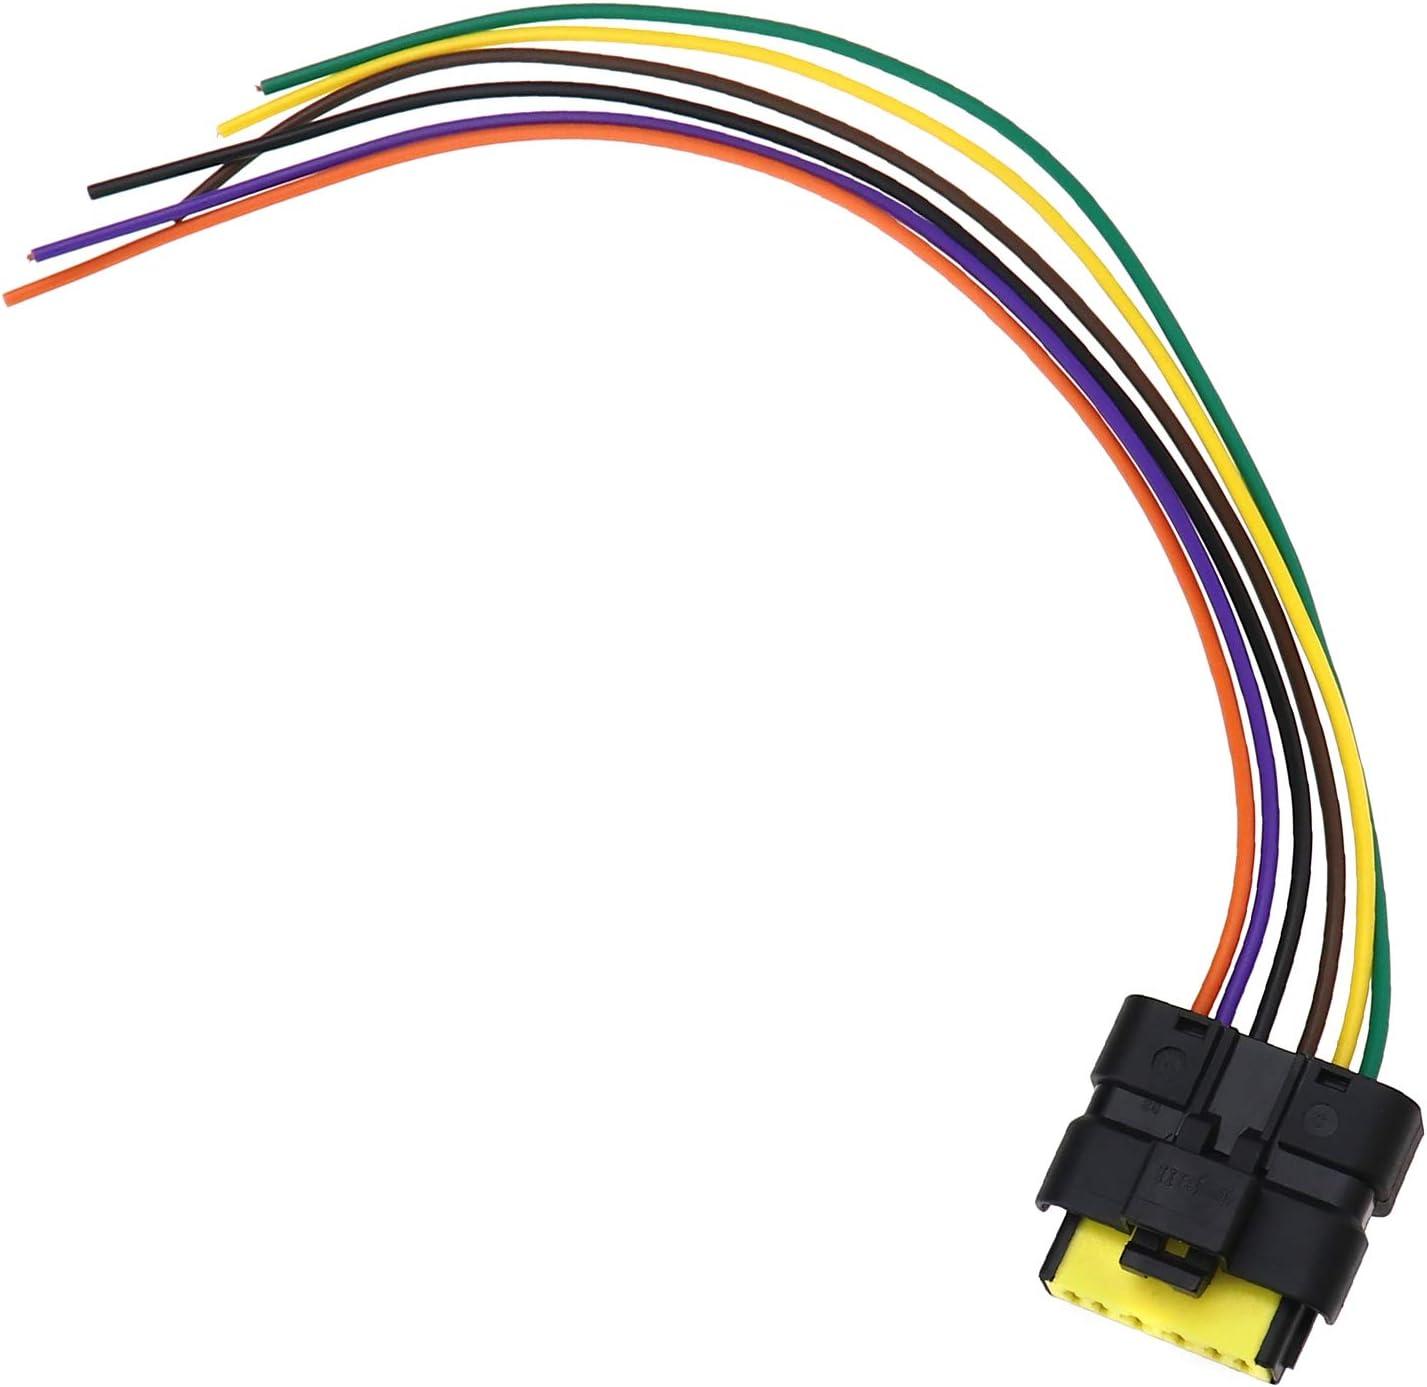 Ototec 28 Cm 6 Pin Hinten Schwanz Led Licht Platine Kabel Linie Pigtail Harness Stecker Ersatz Stecker Ersatzteile Kompatibel Mit Clio Mk3 Auto